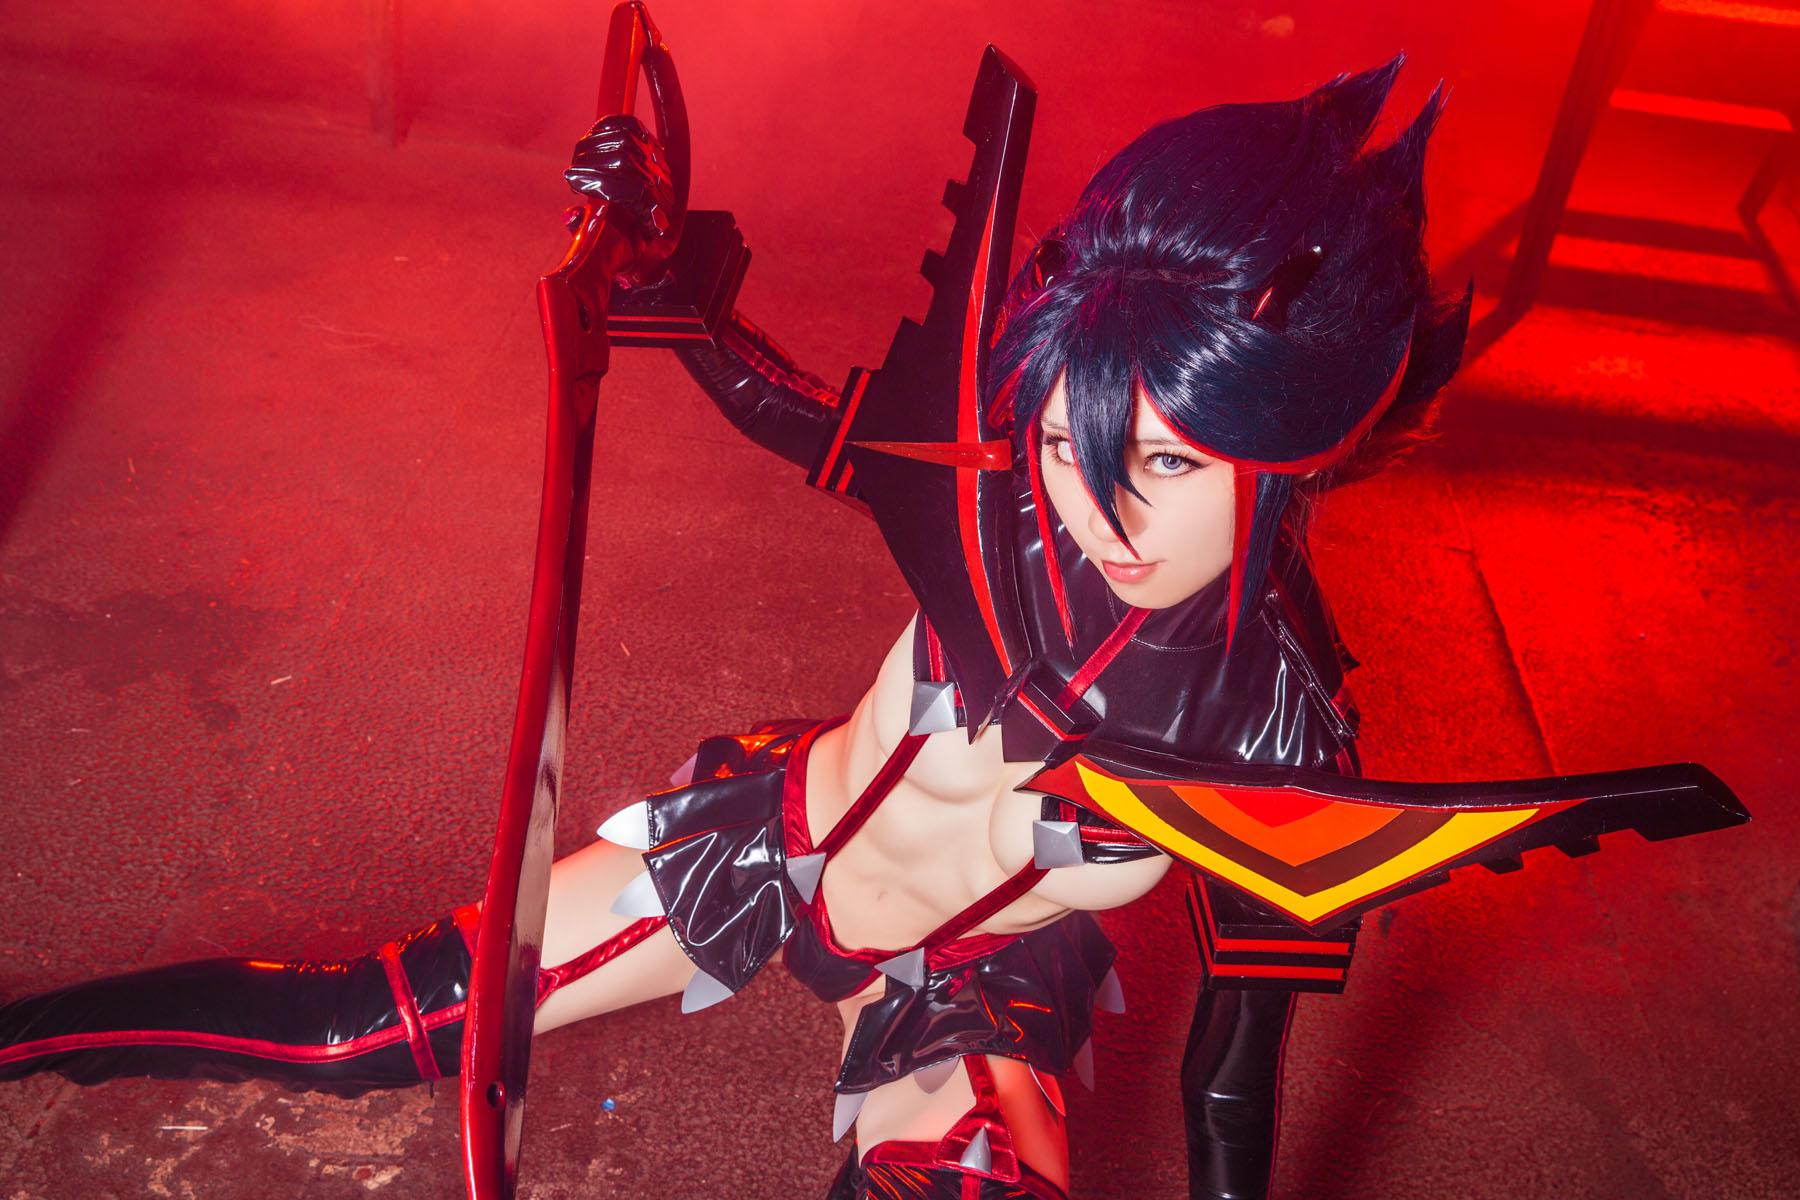 Kill la Kill Ryuuko Matoi anime cosplay by Mikehouse 0046